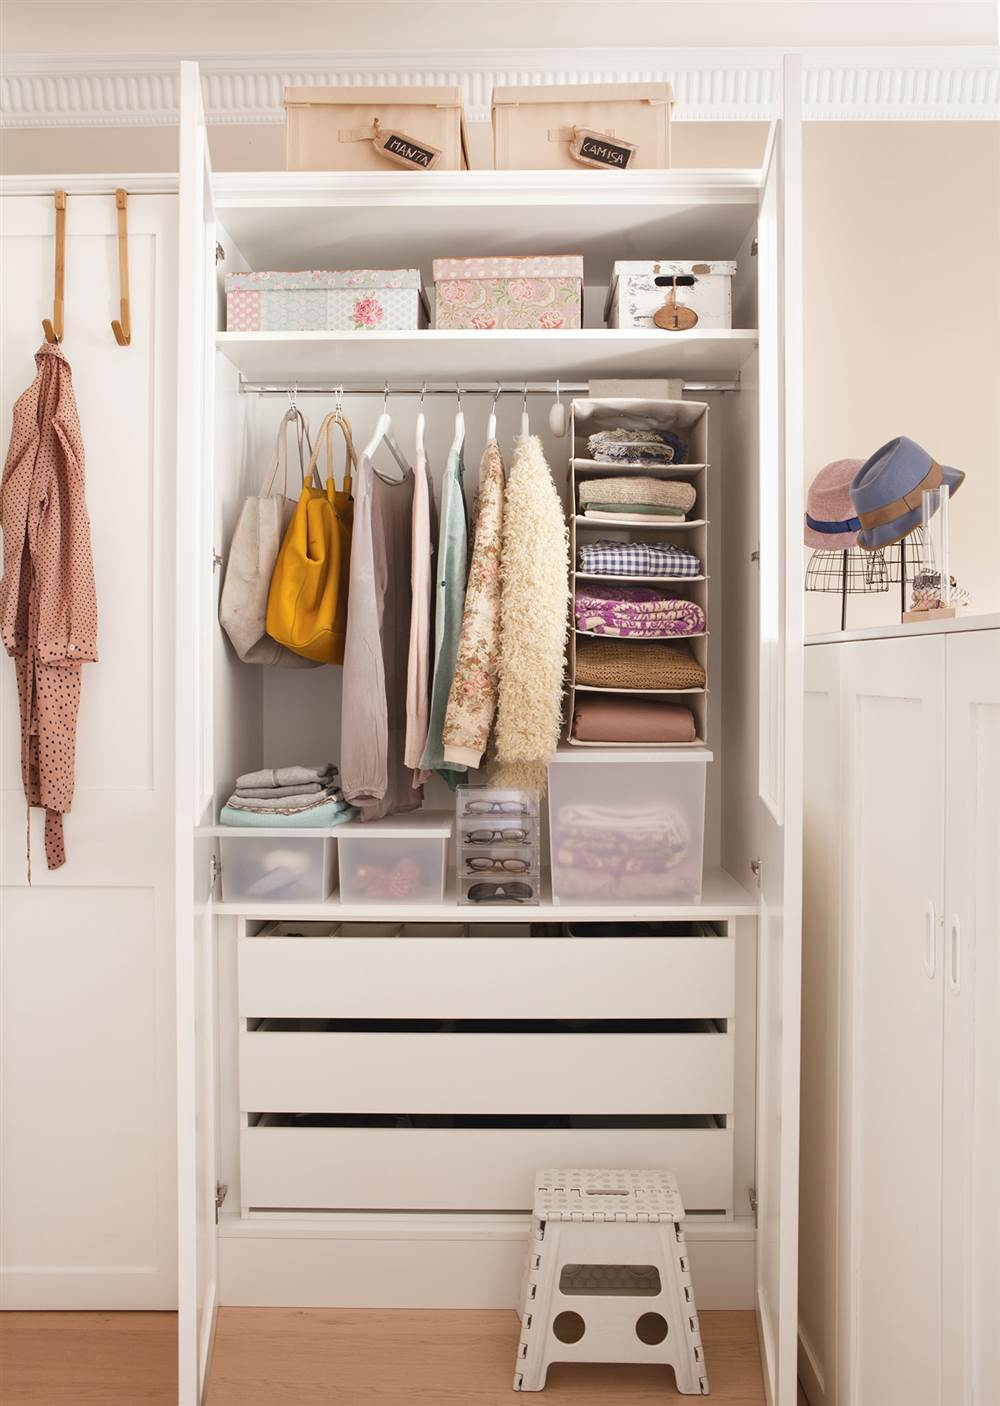 C mo organizar bien el armario - Organizacion de armarios ...